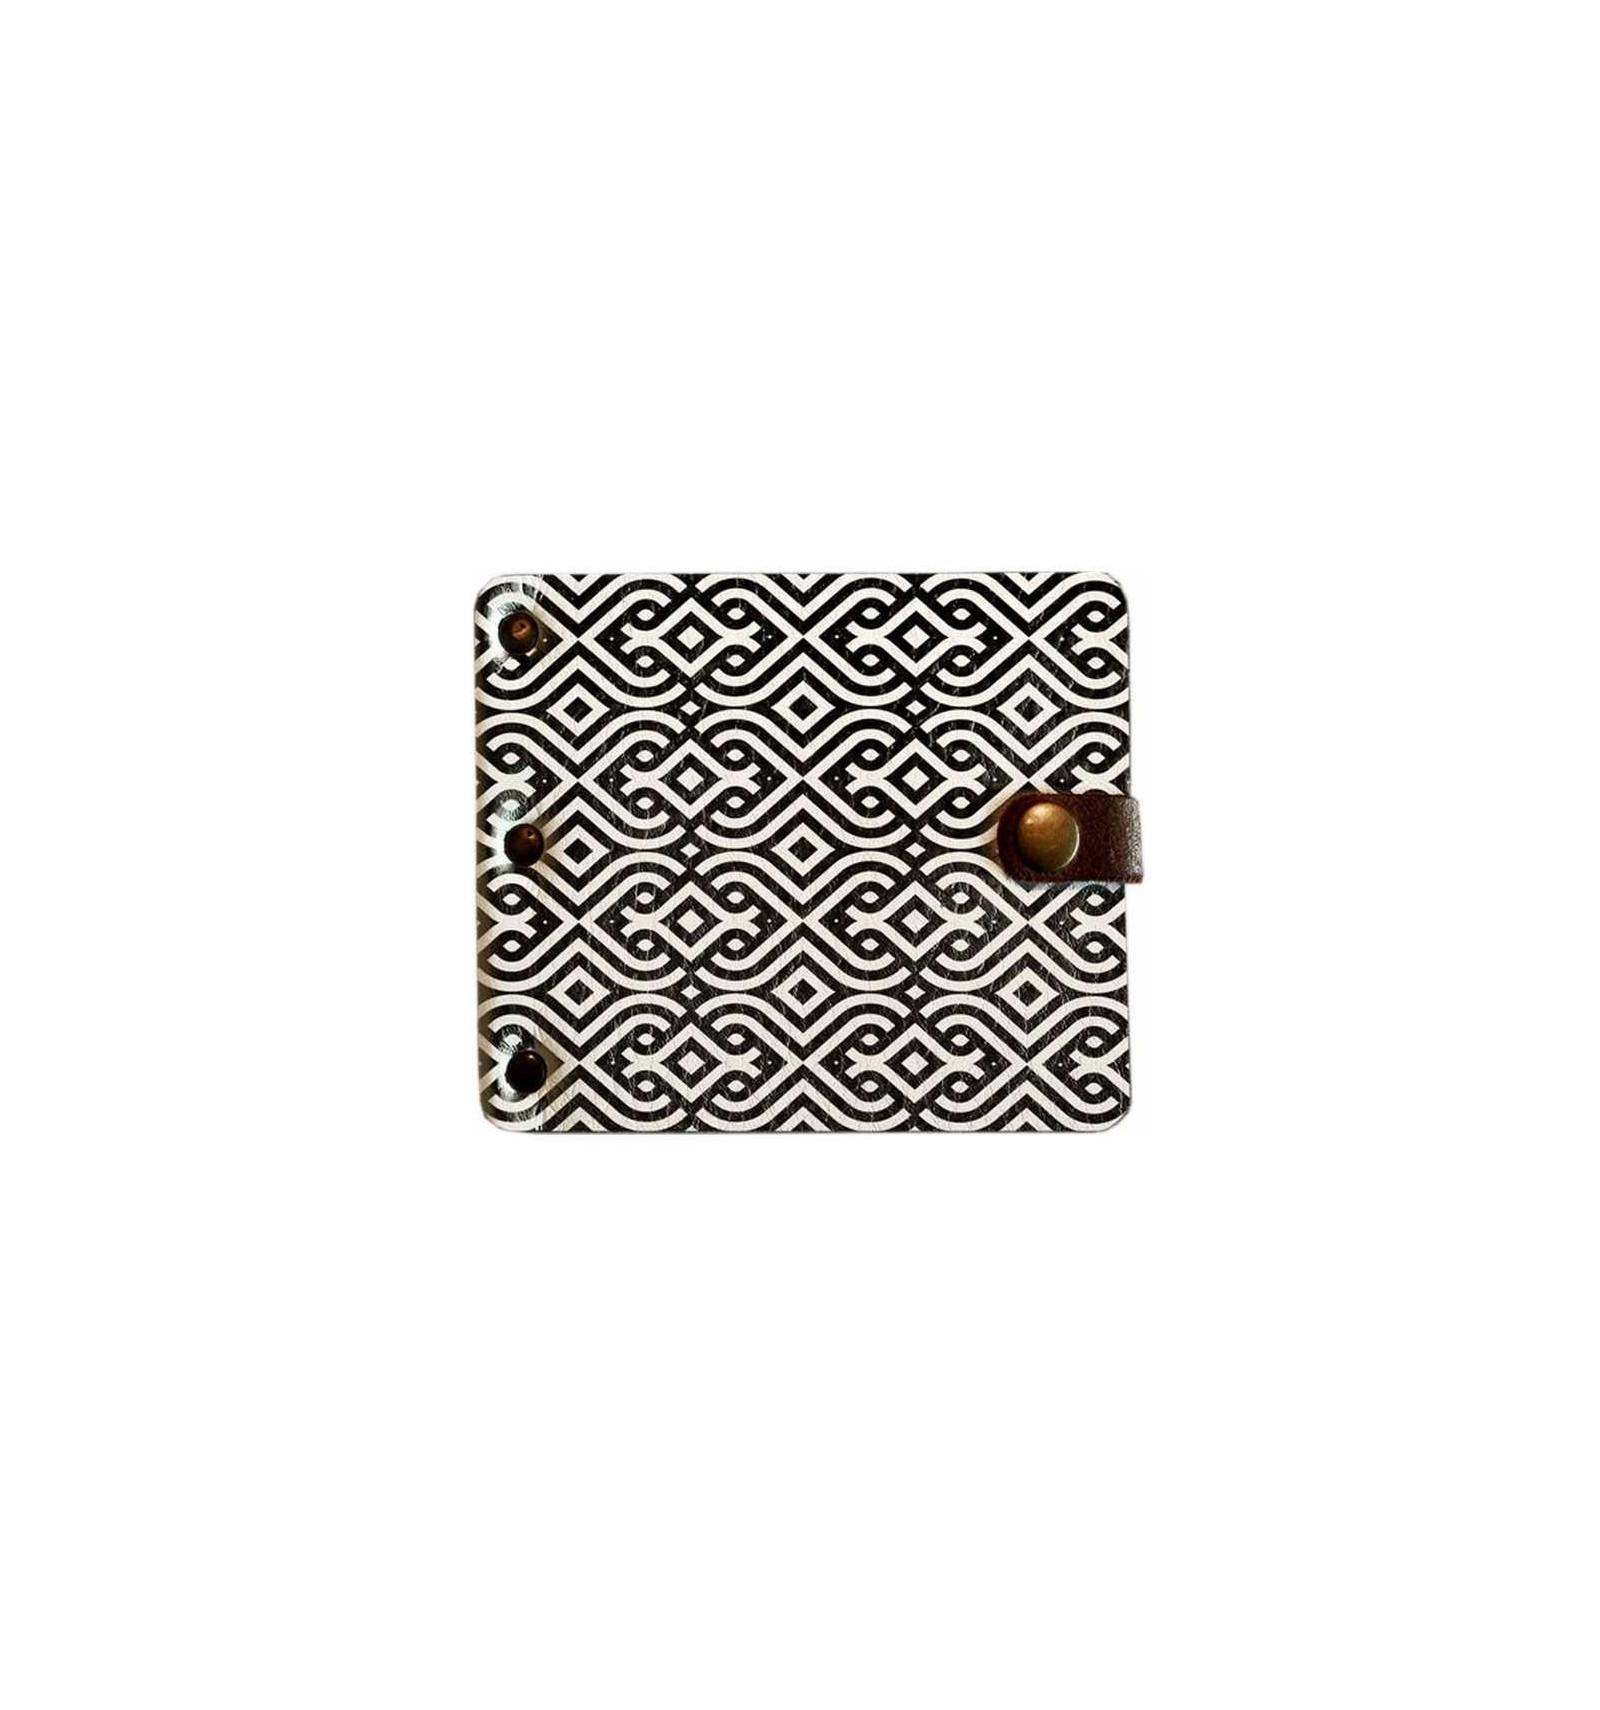 f8086918ab25 Кошелек с зажимом Shirma Черный узор | Оригинальный зажим для денег